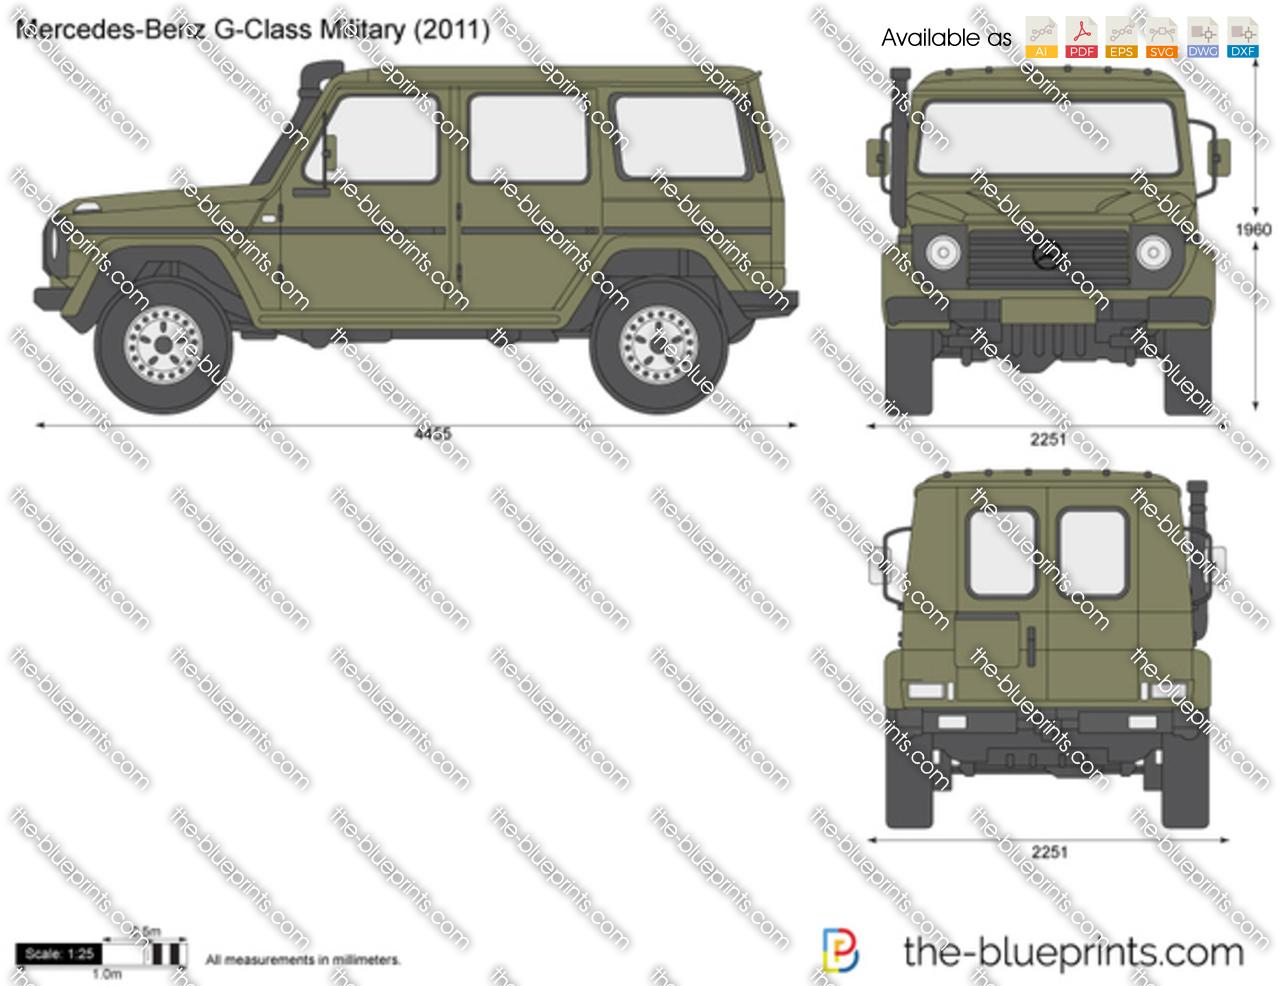 Mercedes-Benz G-Class Military 461 2007